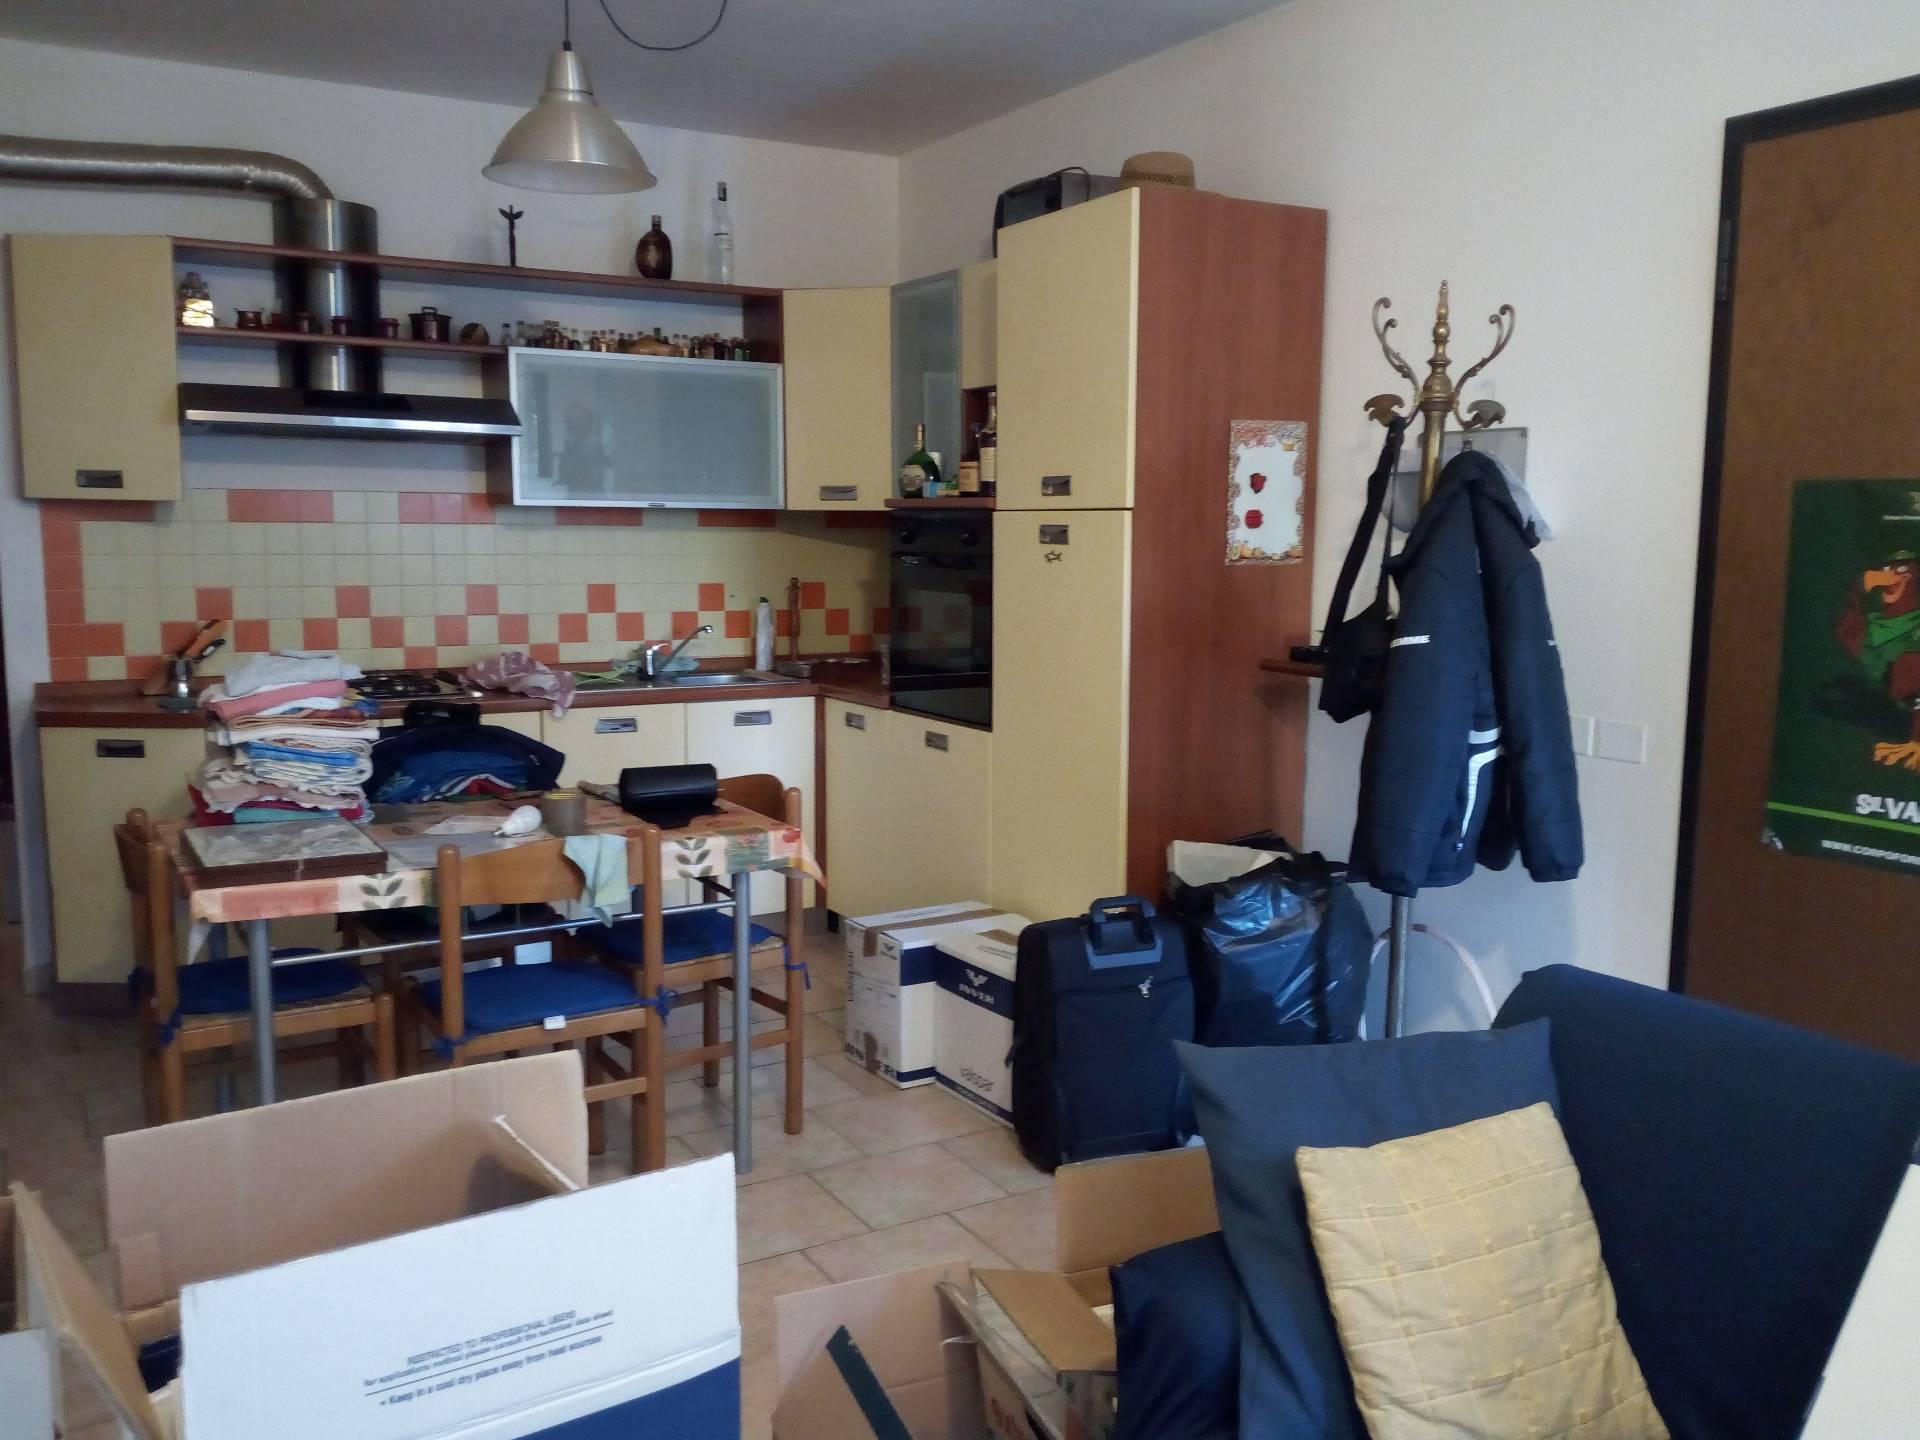 Appartamento in affitto a Lugo, 2 locali, prezzo € 480 | Cambio Casa.it